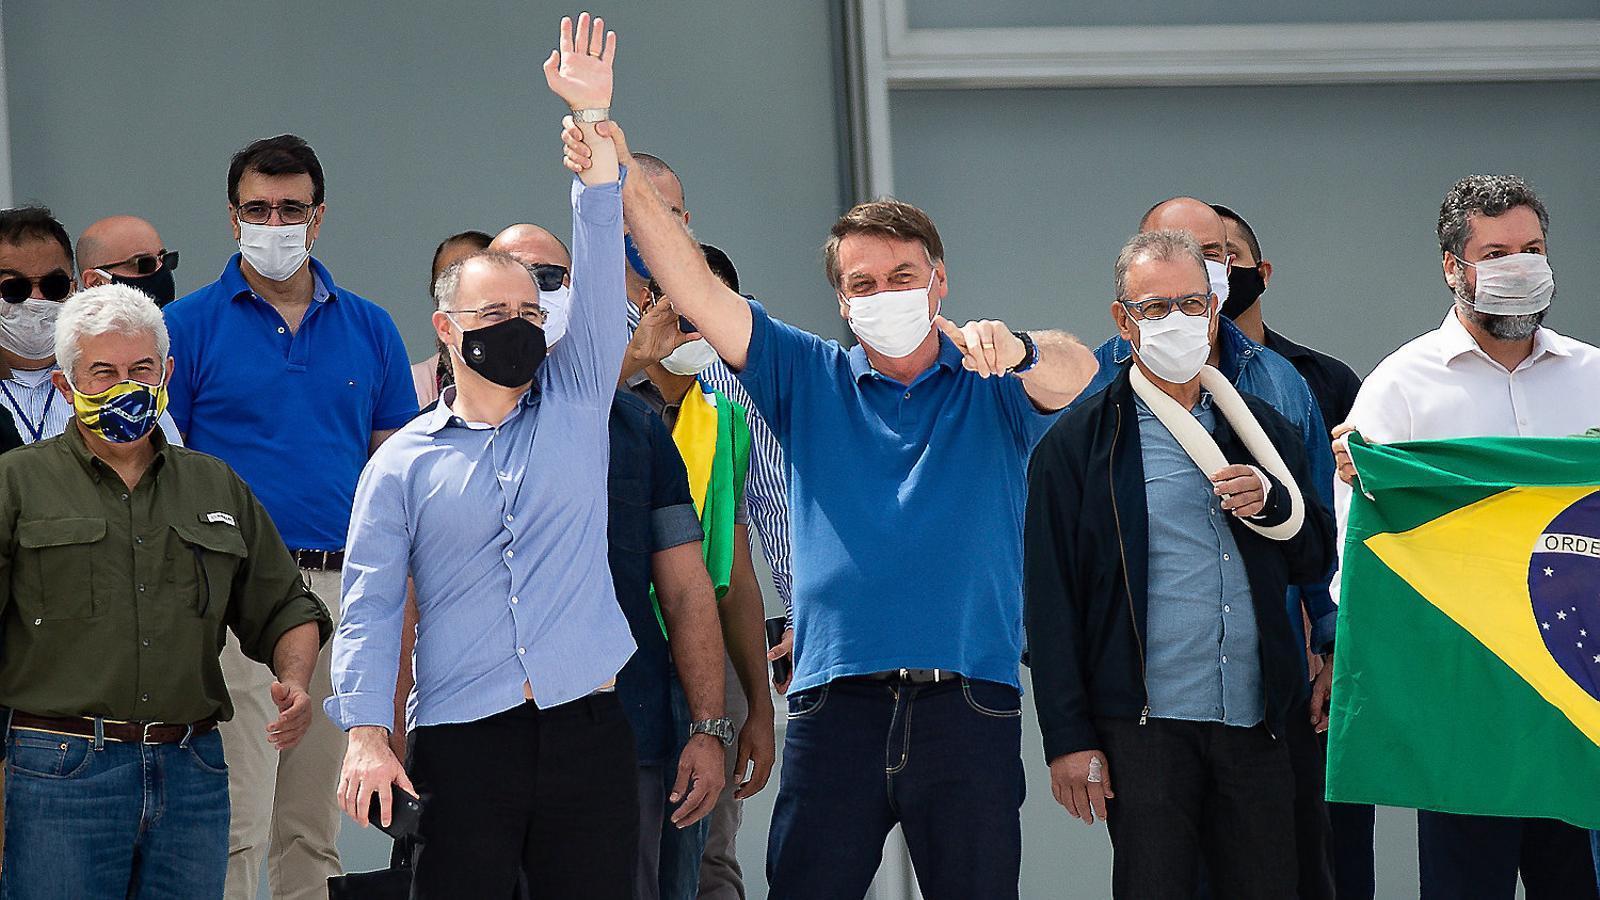 L'escalada de contagis de covid-19 posa l'Amèrica Llatina contra les cordes